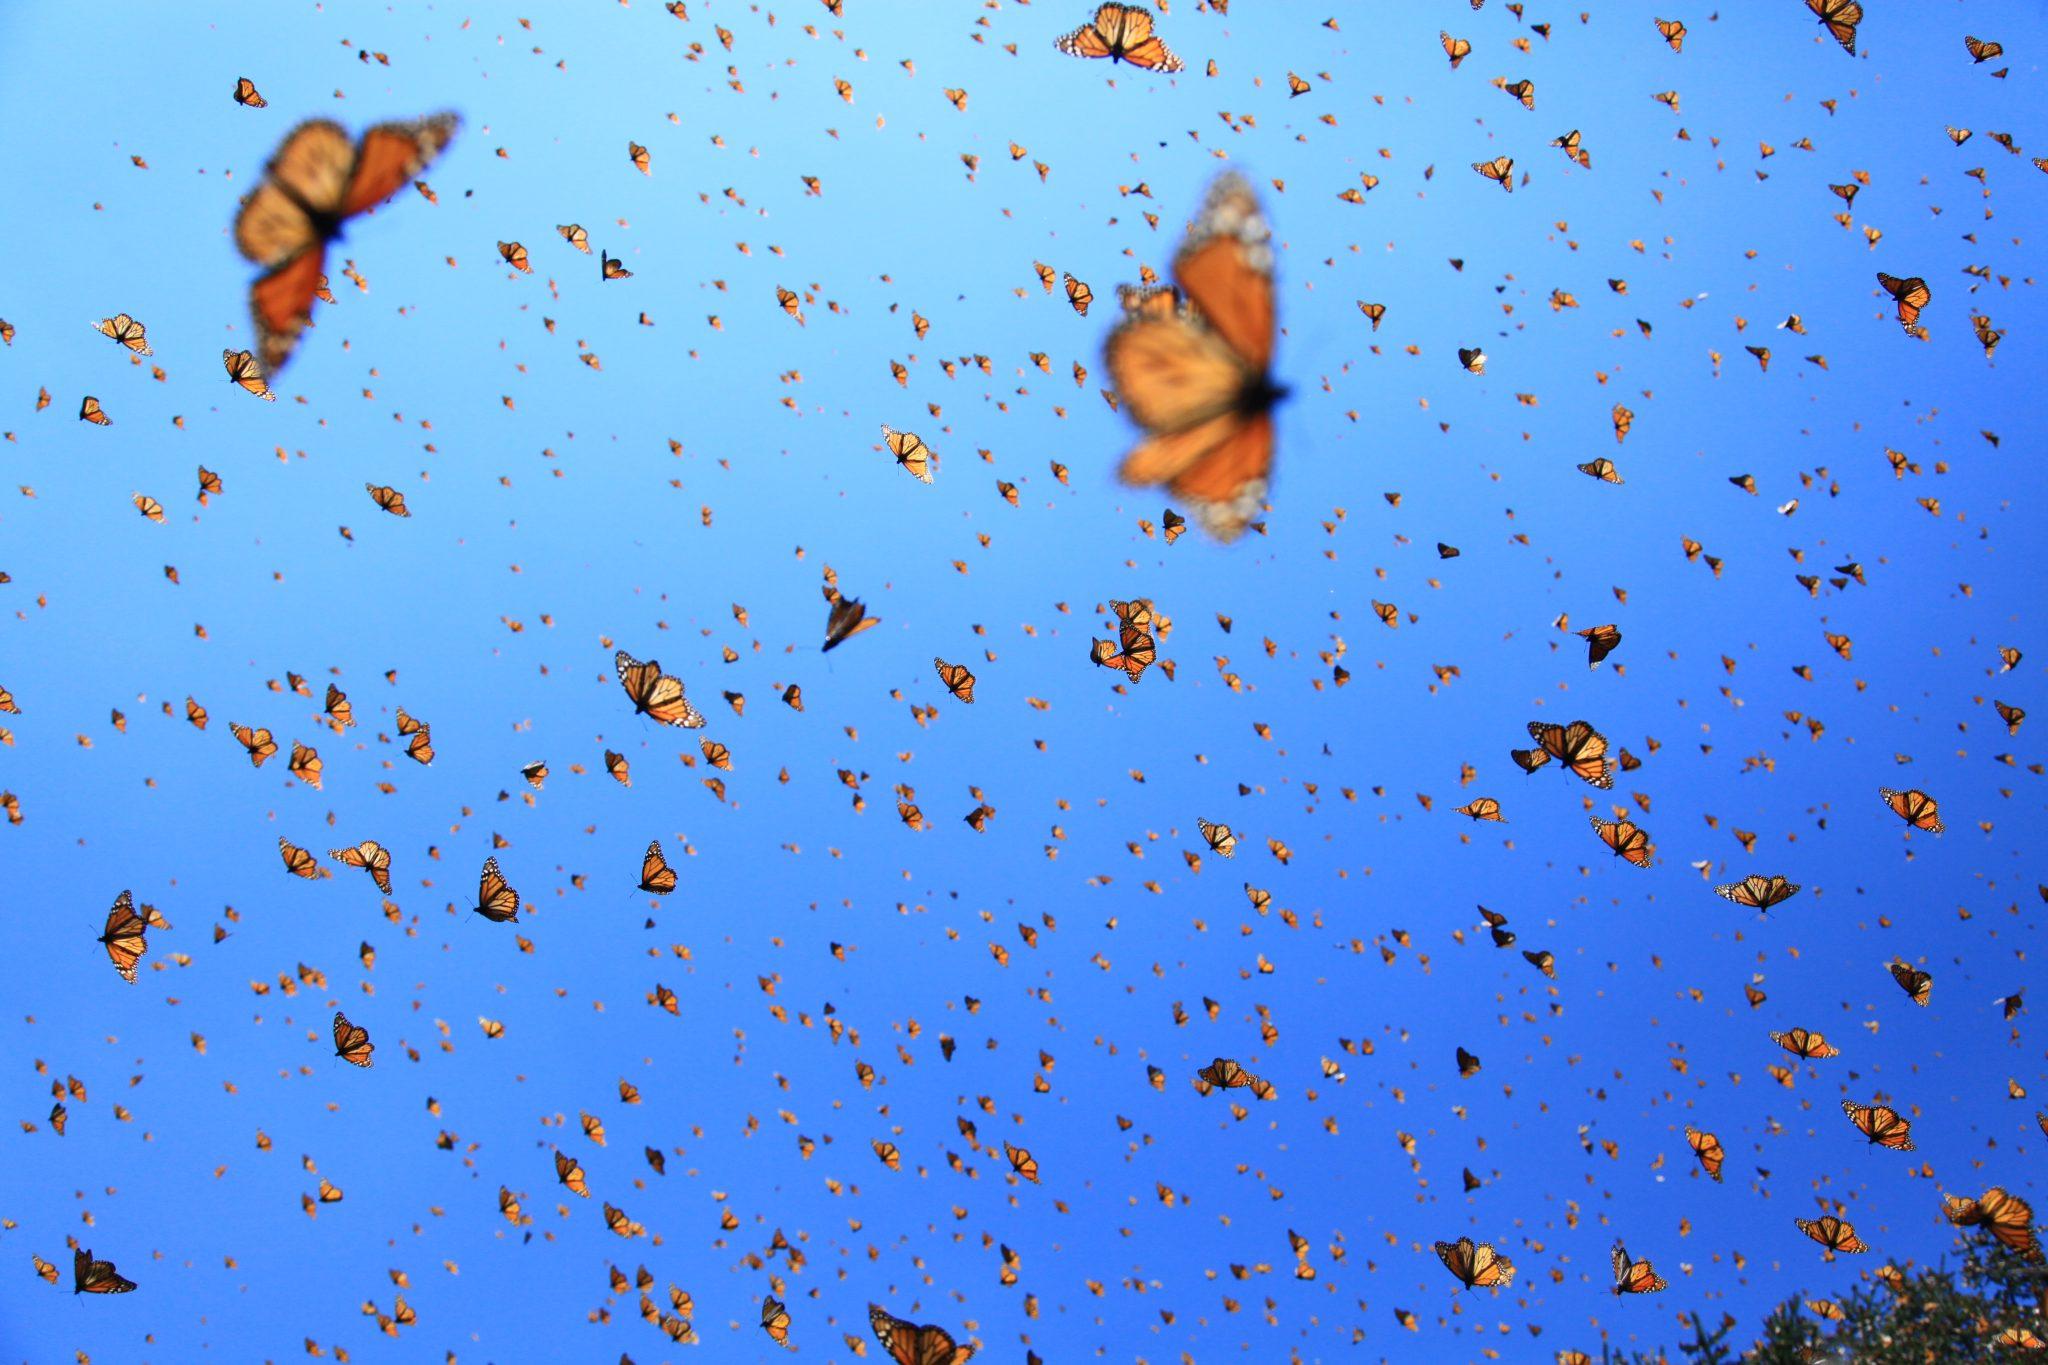 Mariposas-monarca-volando-@FMCN.jpg